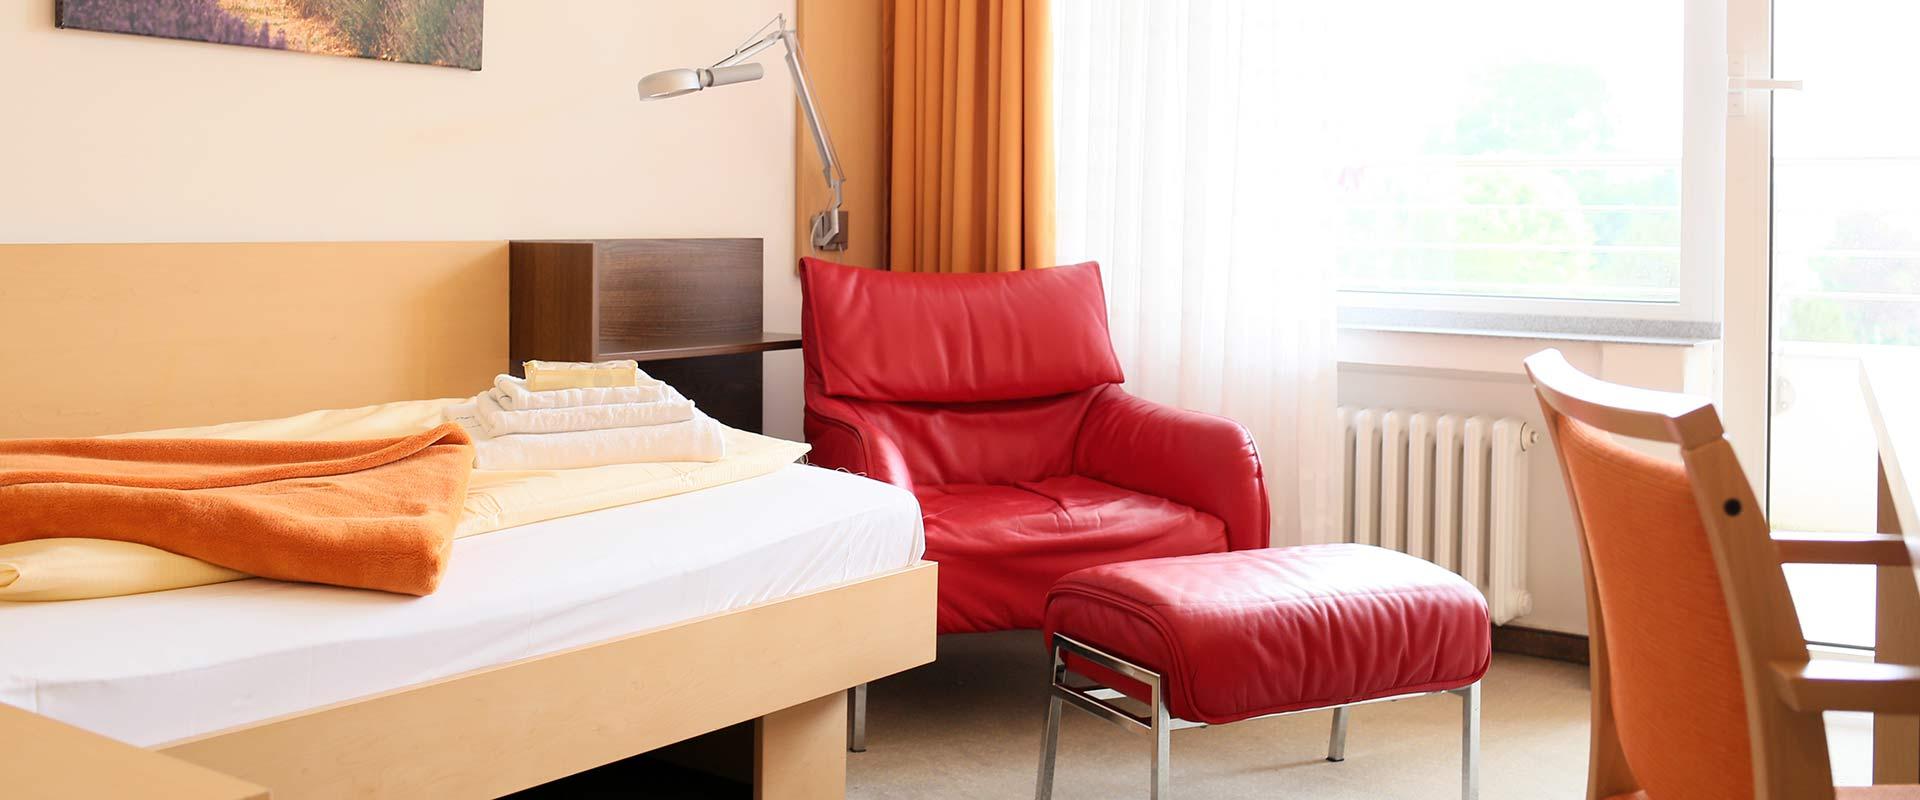 Zimmer im MEDIAN Zentrum für Verhaltensmedizin Bad Pyrmont Klinik für Psychosomatik